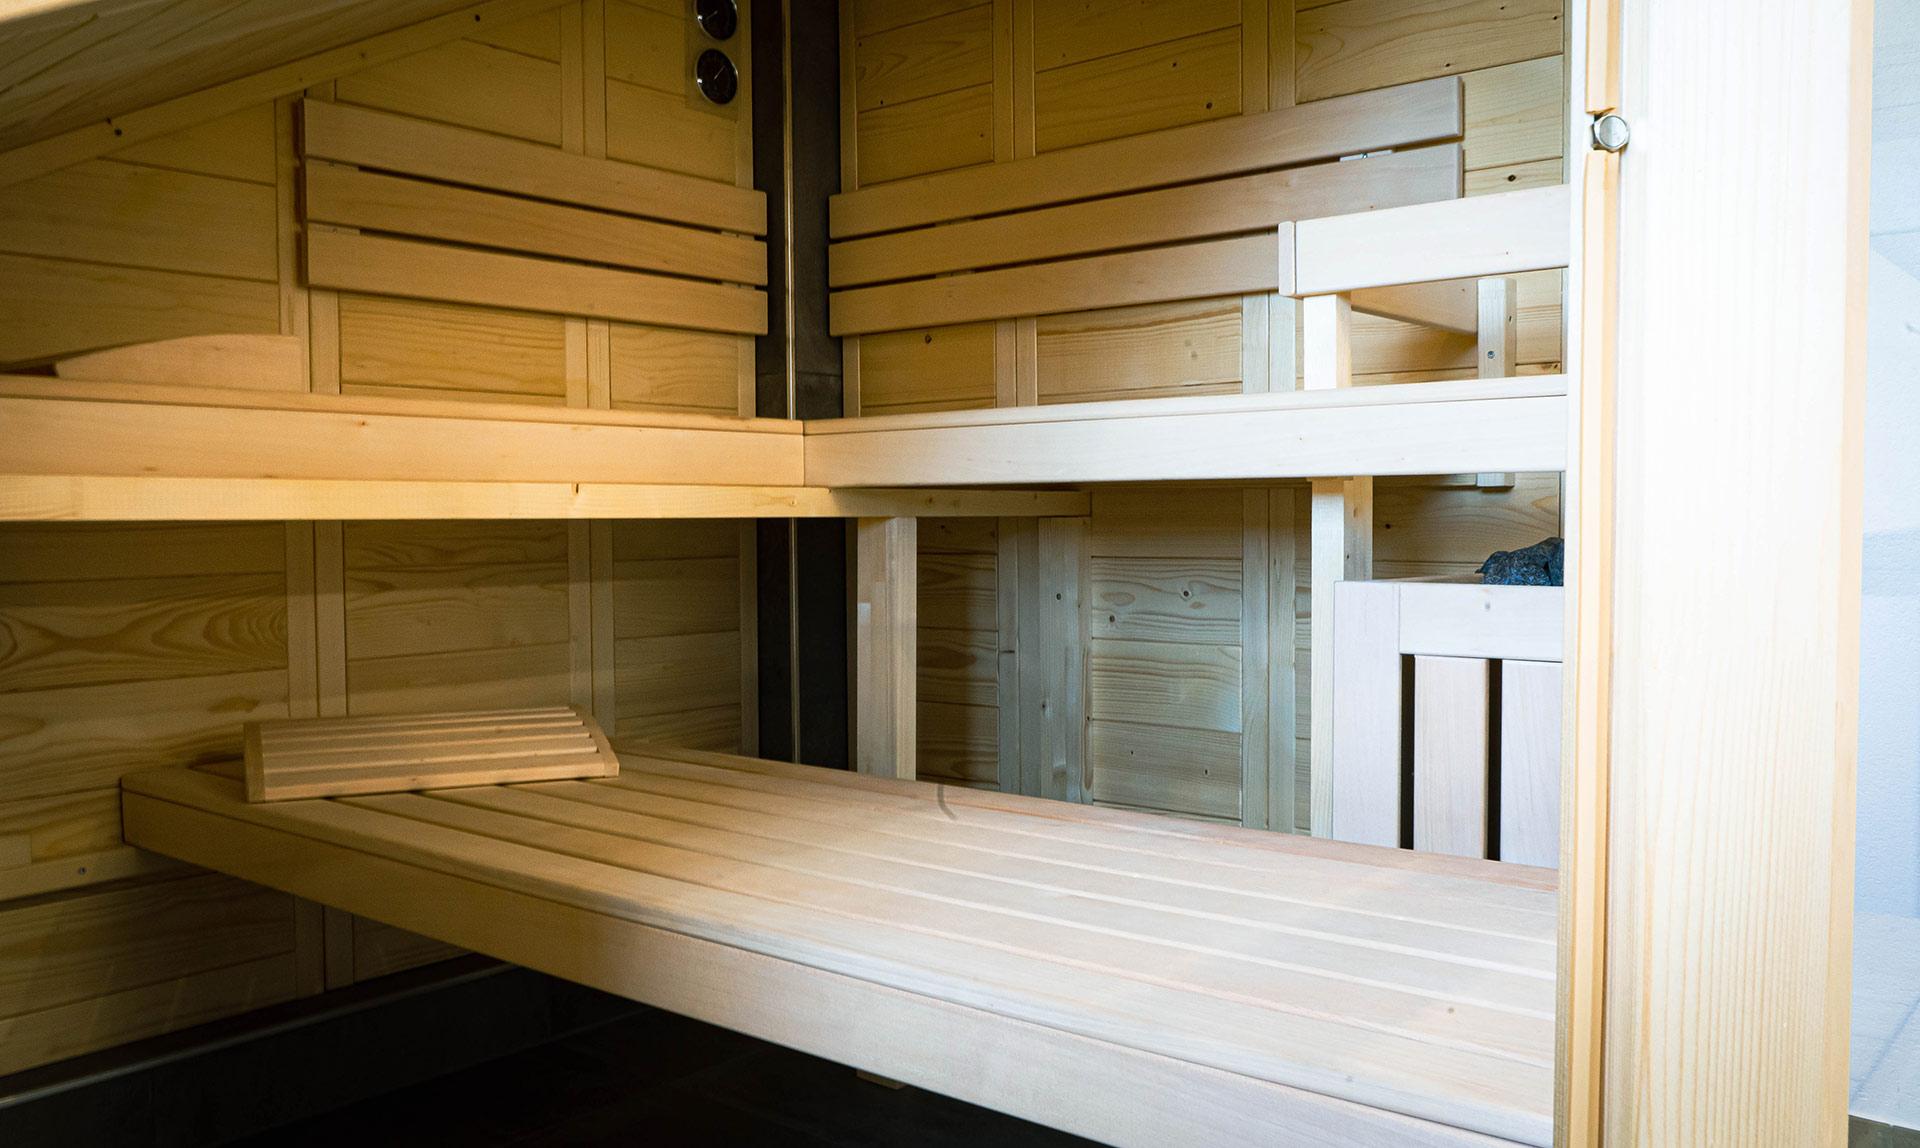 sauna-innen-2021-a